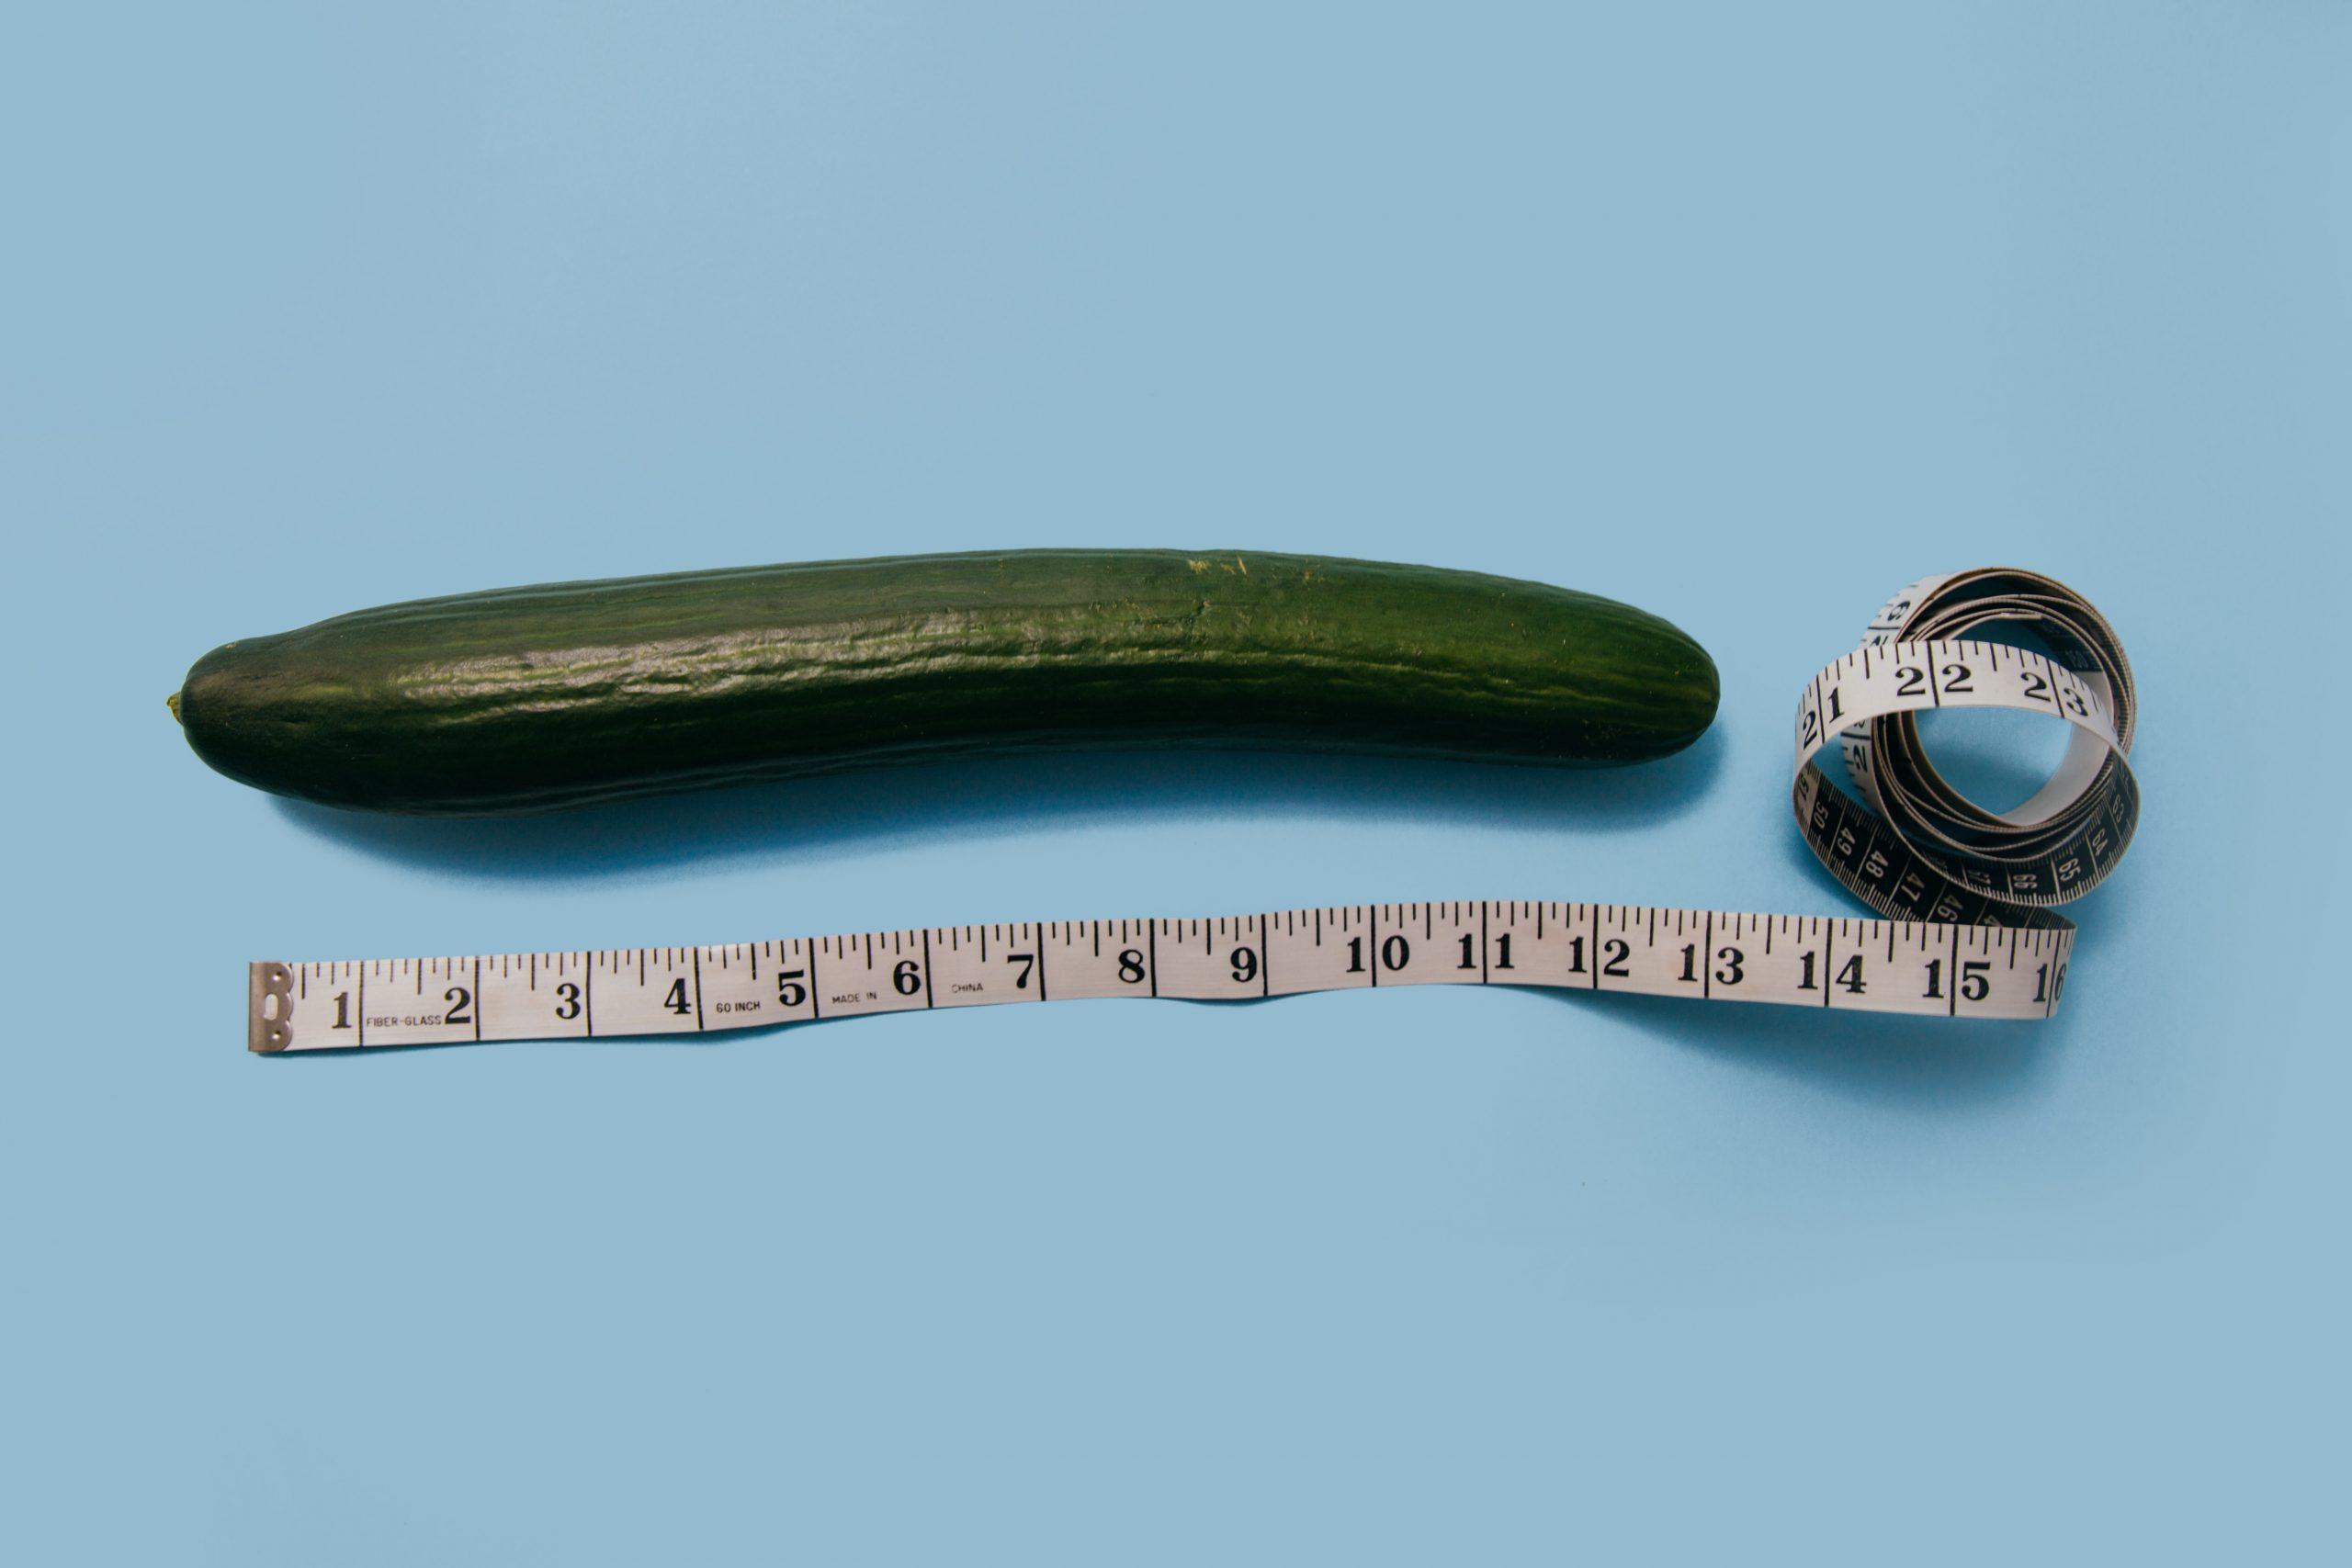 Az ok, amiért nem lehet megmondani, mekkora az átlagos péniszméret